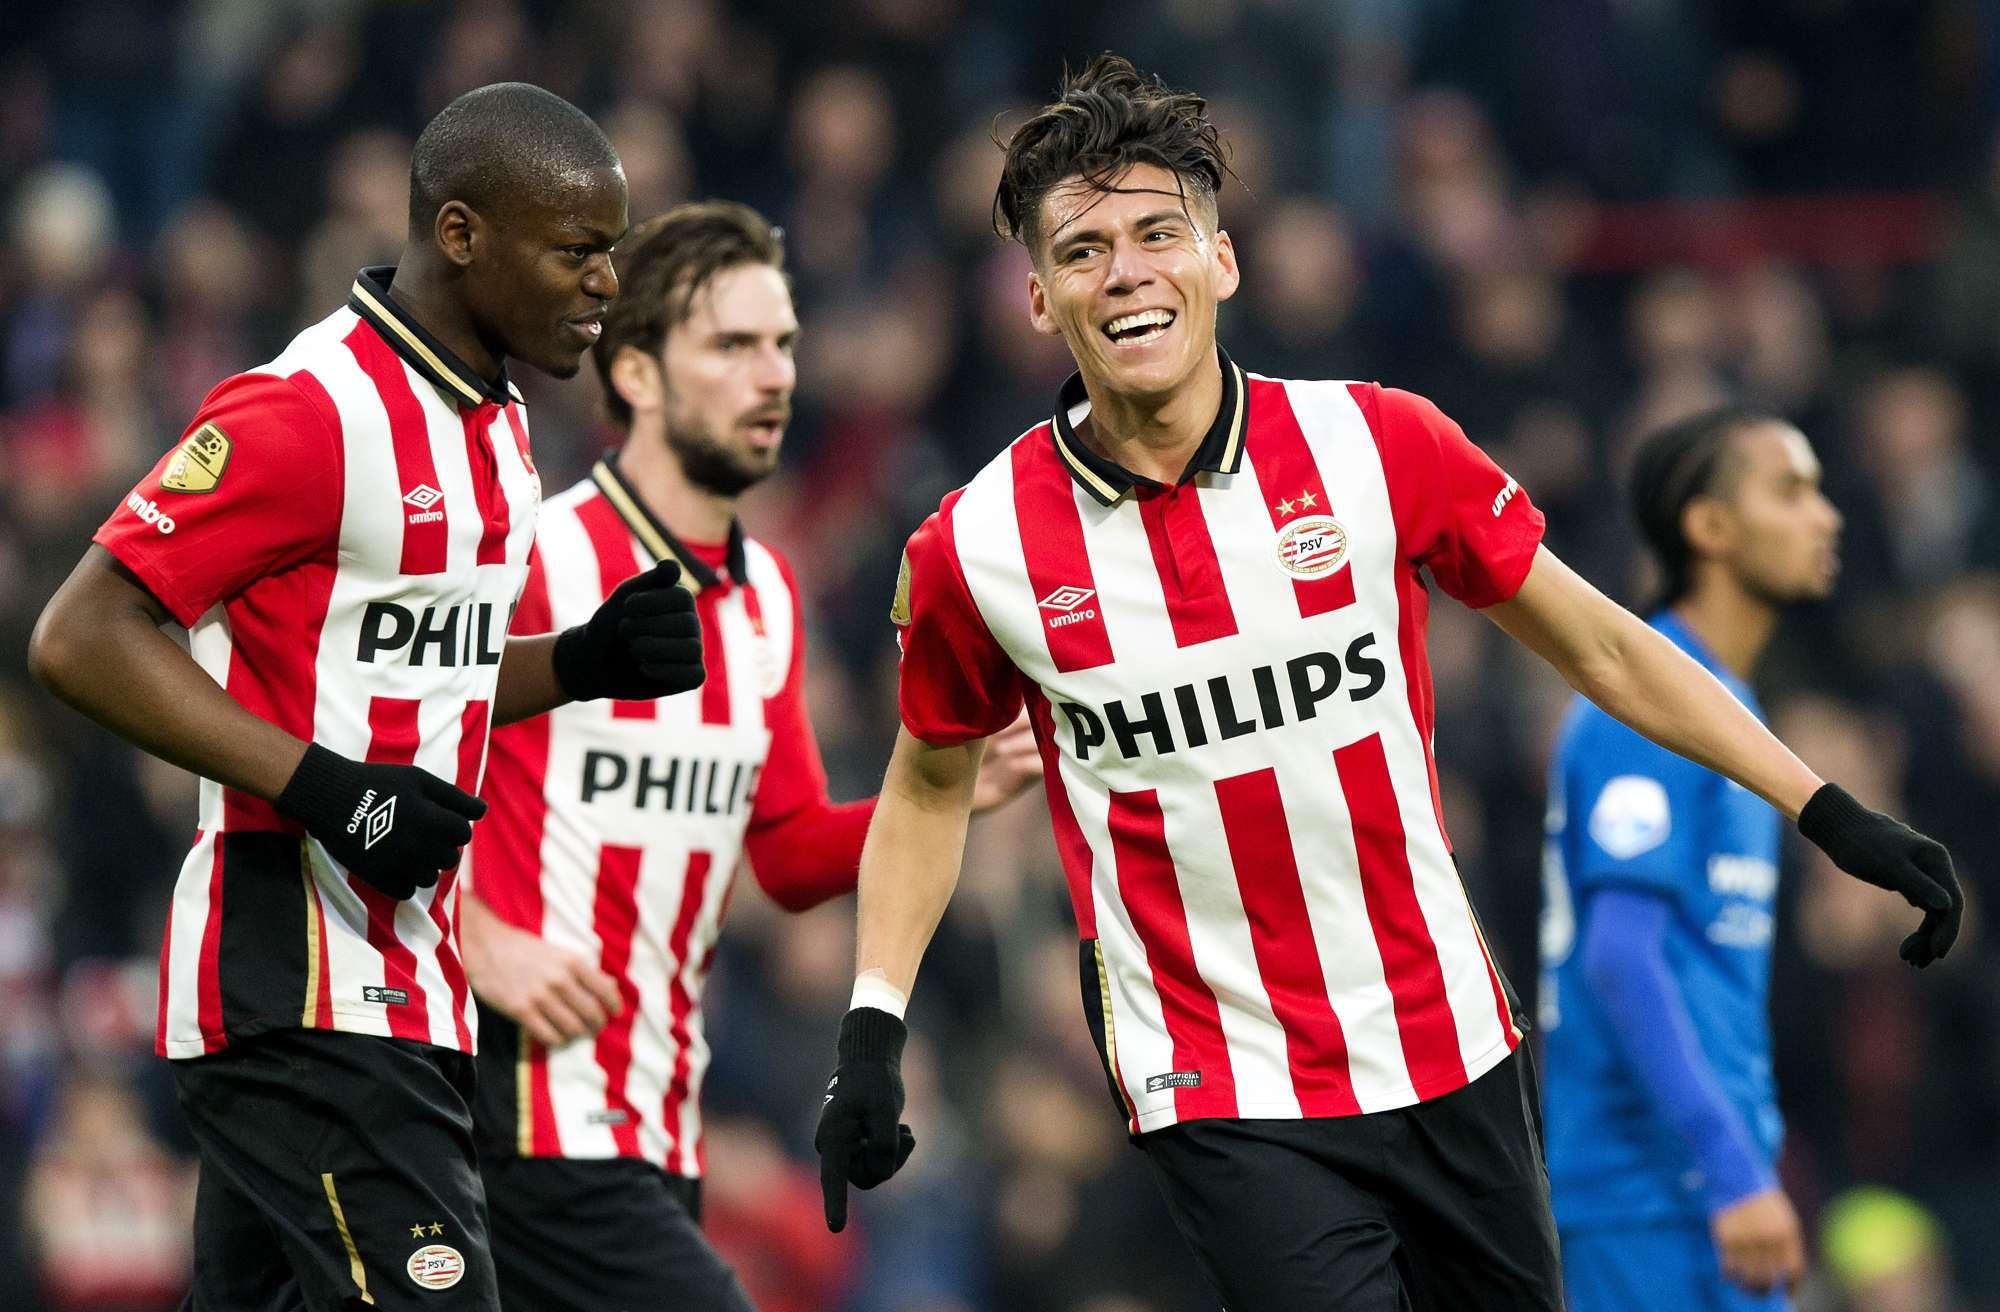 Hector Moreno, difensore del PSV, celebra un gol in una partita di Eredivisie